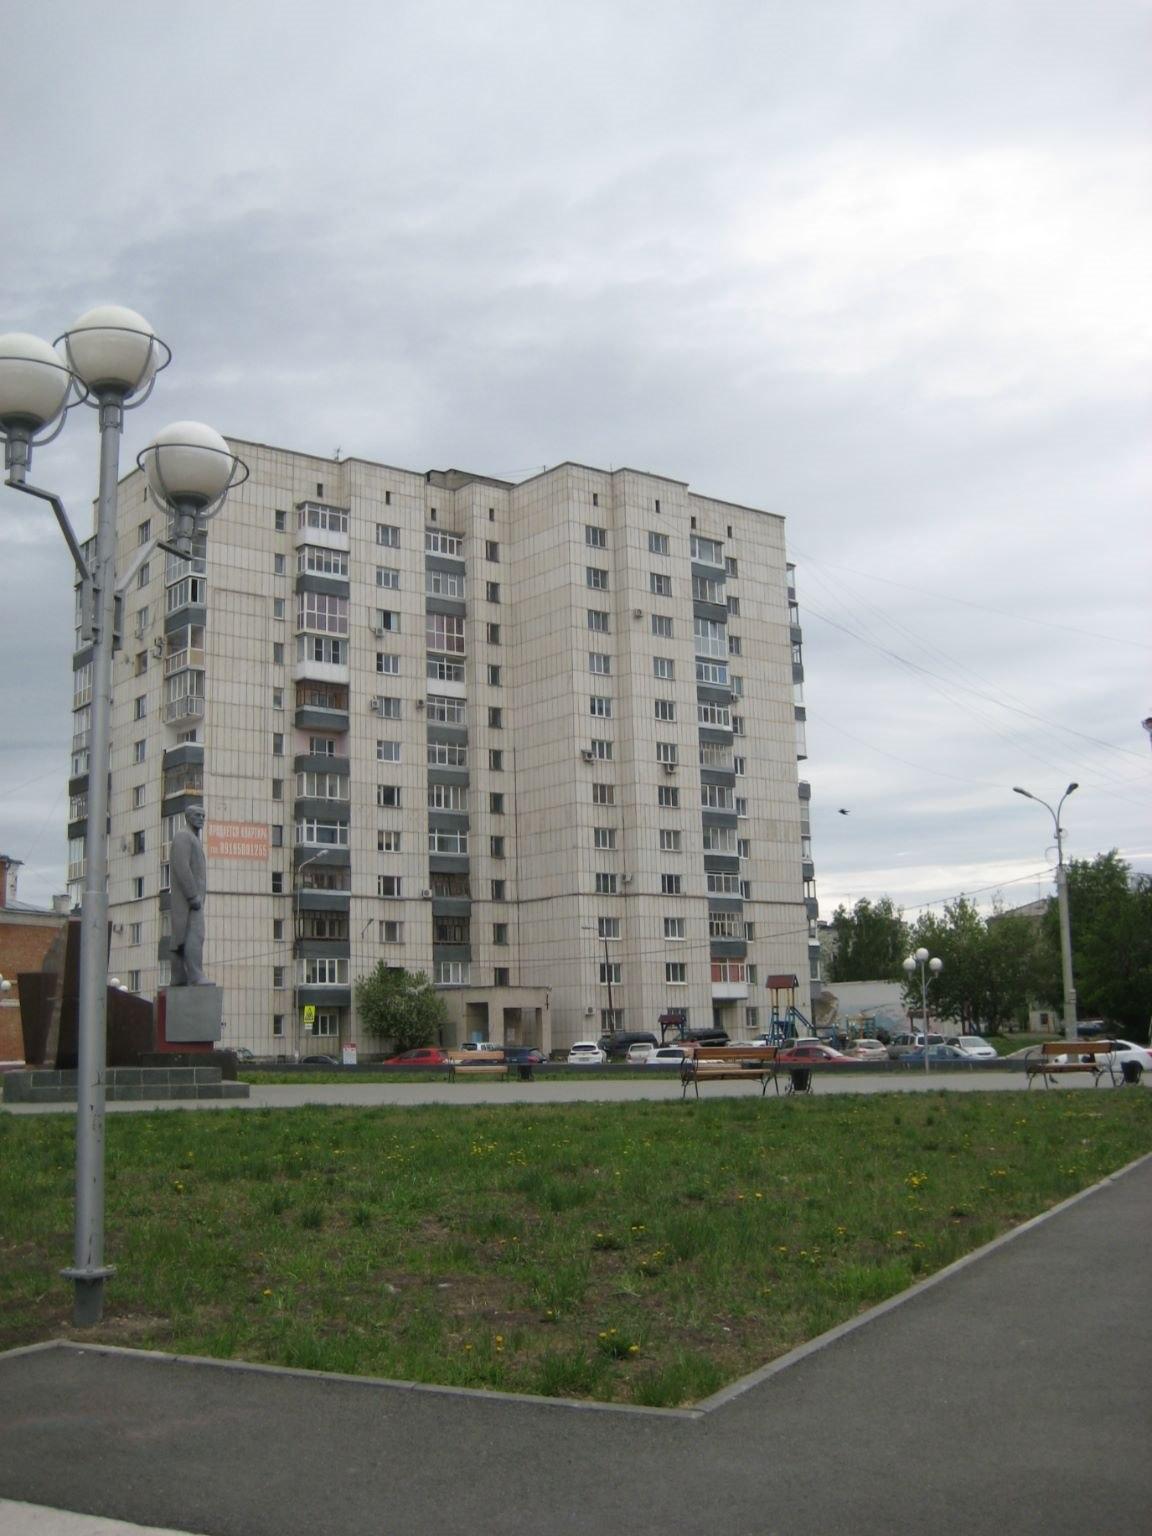 de7f841fc7e93 Купить квартиру на улице Максима Горького, 6 в Кургане: объявления о ...